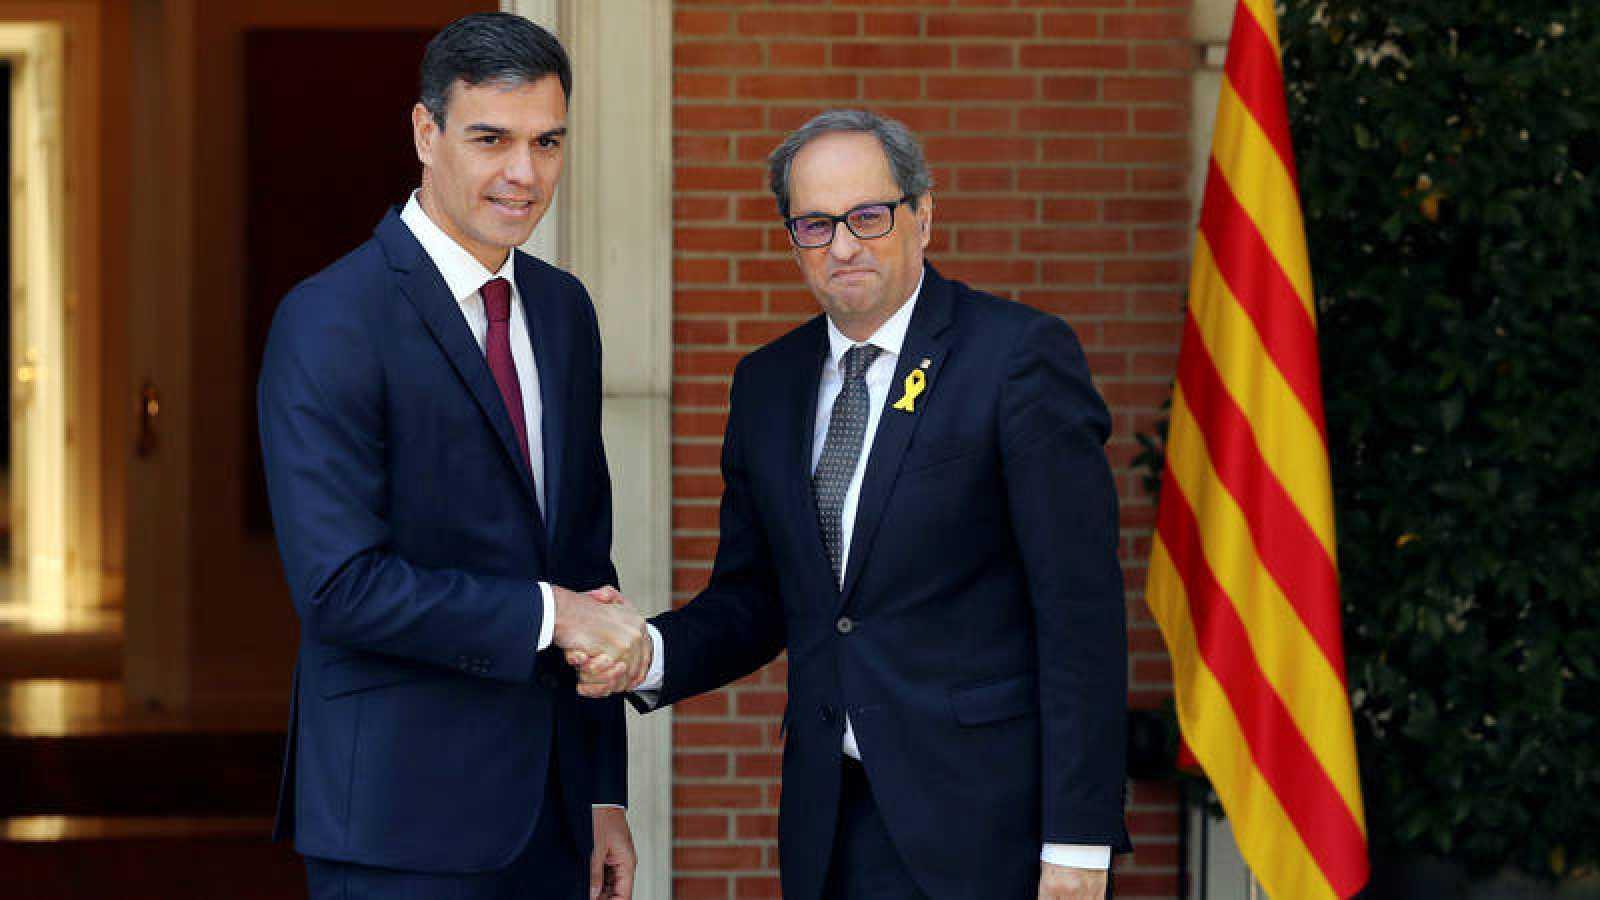 Reunión de Pedro Sánchez y Quim Torra en Moncloa